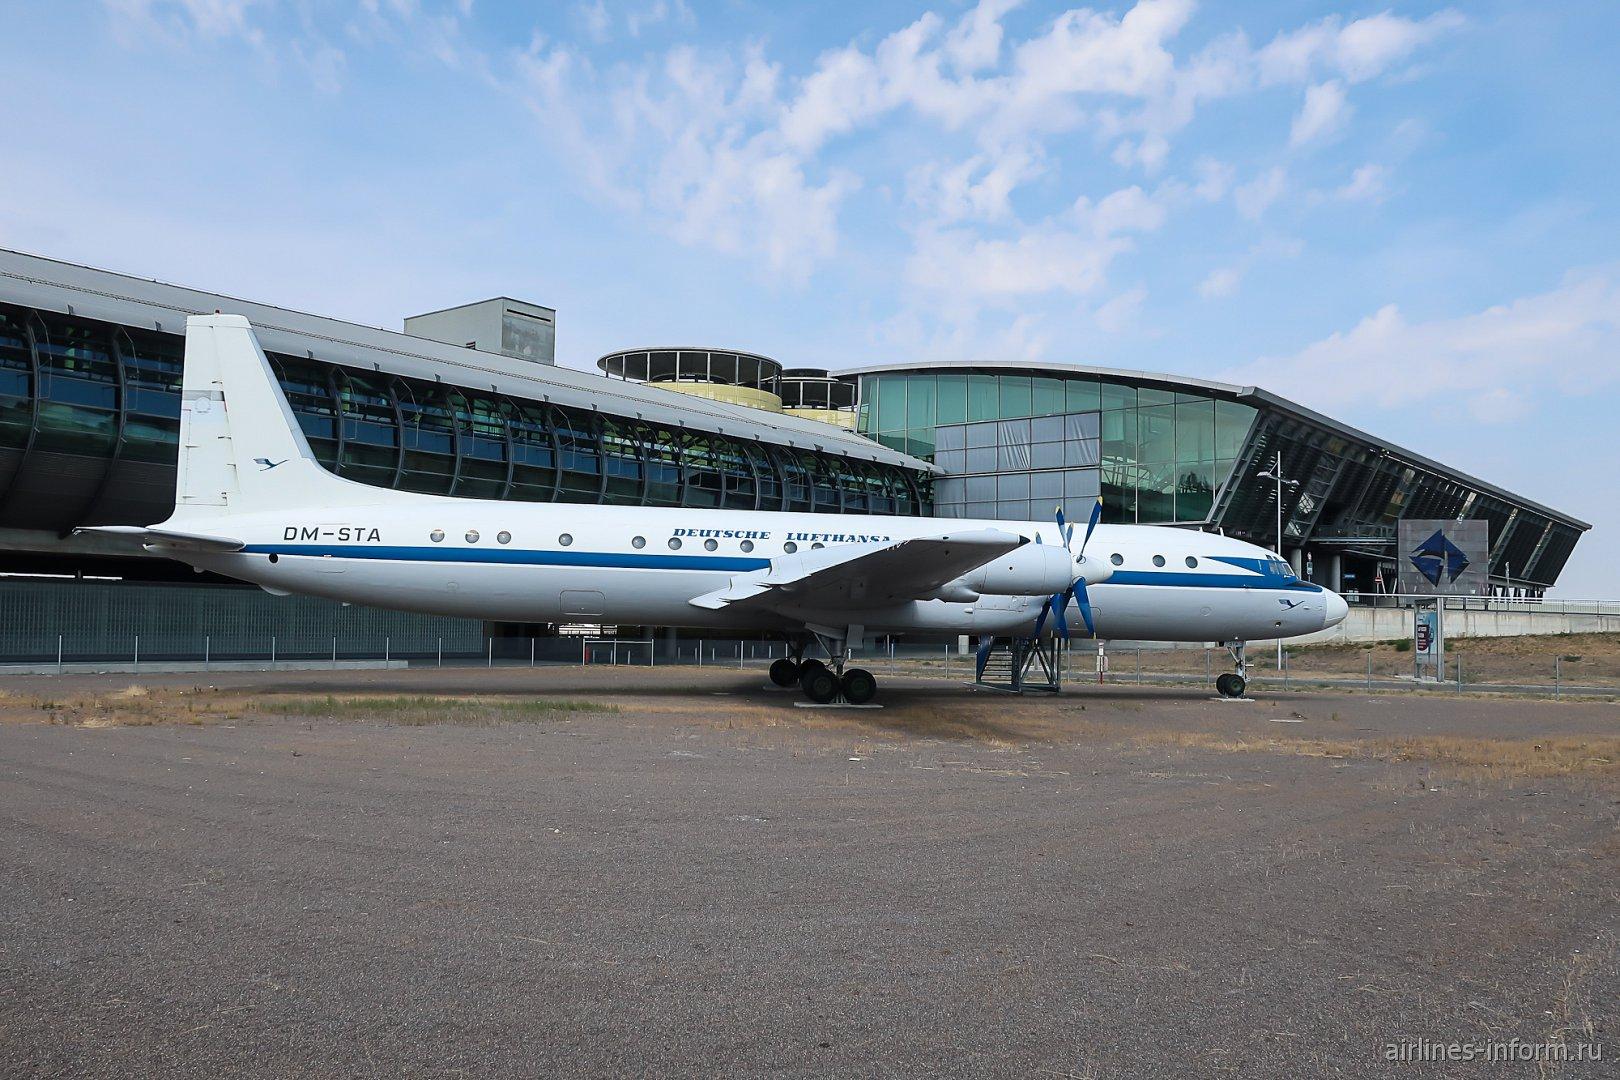 Самолет Ил-18 DM-STA на фоне терминала А аэропорта Лейпциг-Галле